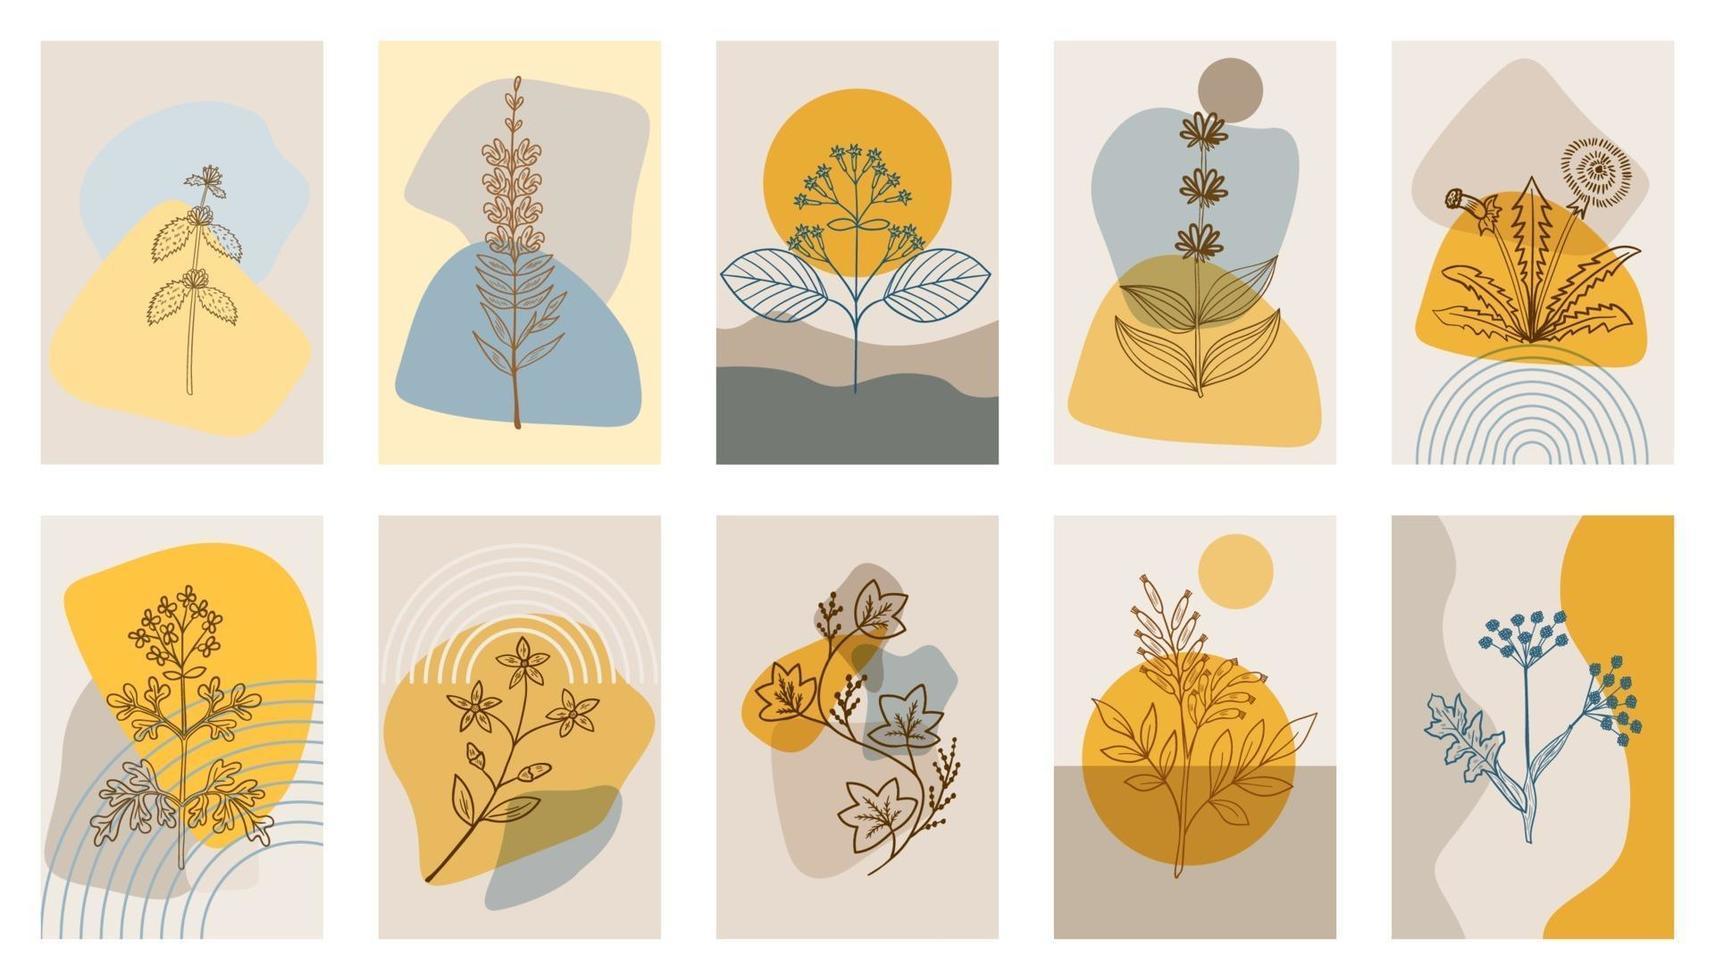 Hierbas amargas p1, cartel abstracto, set 1 vector